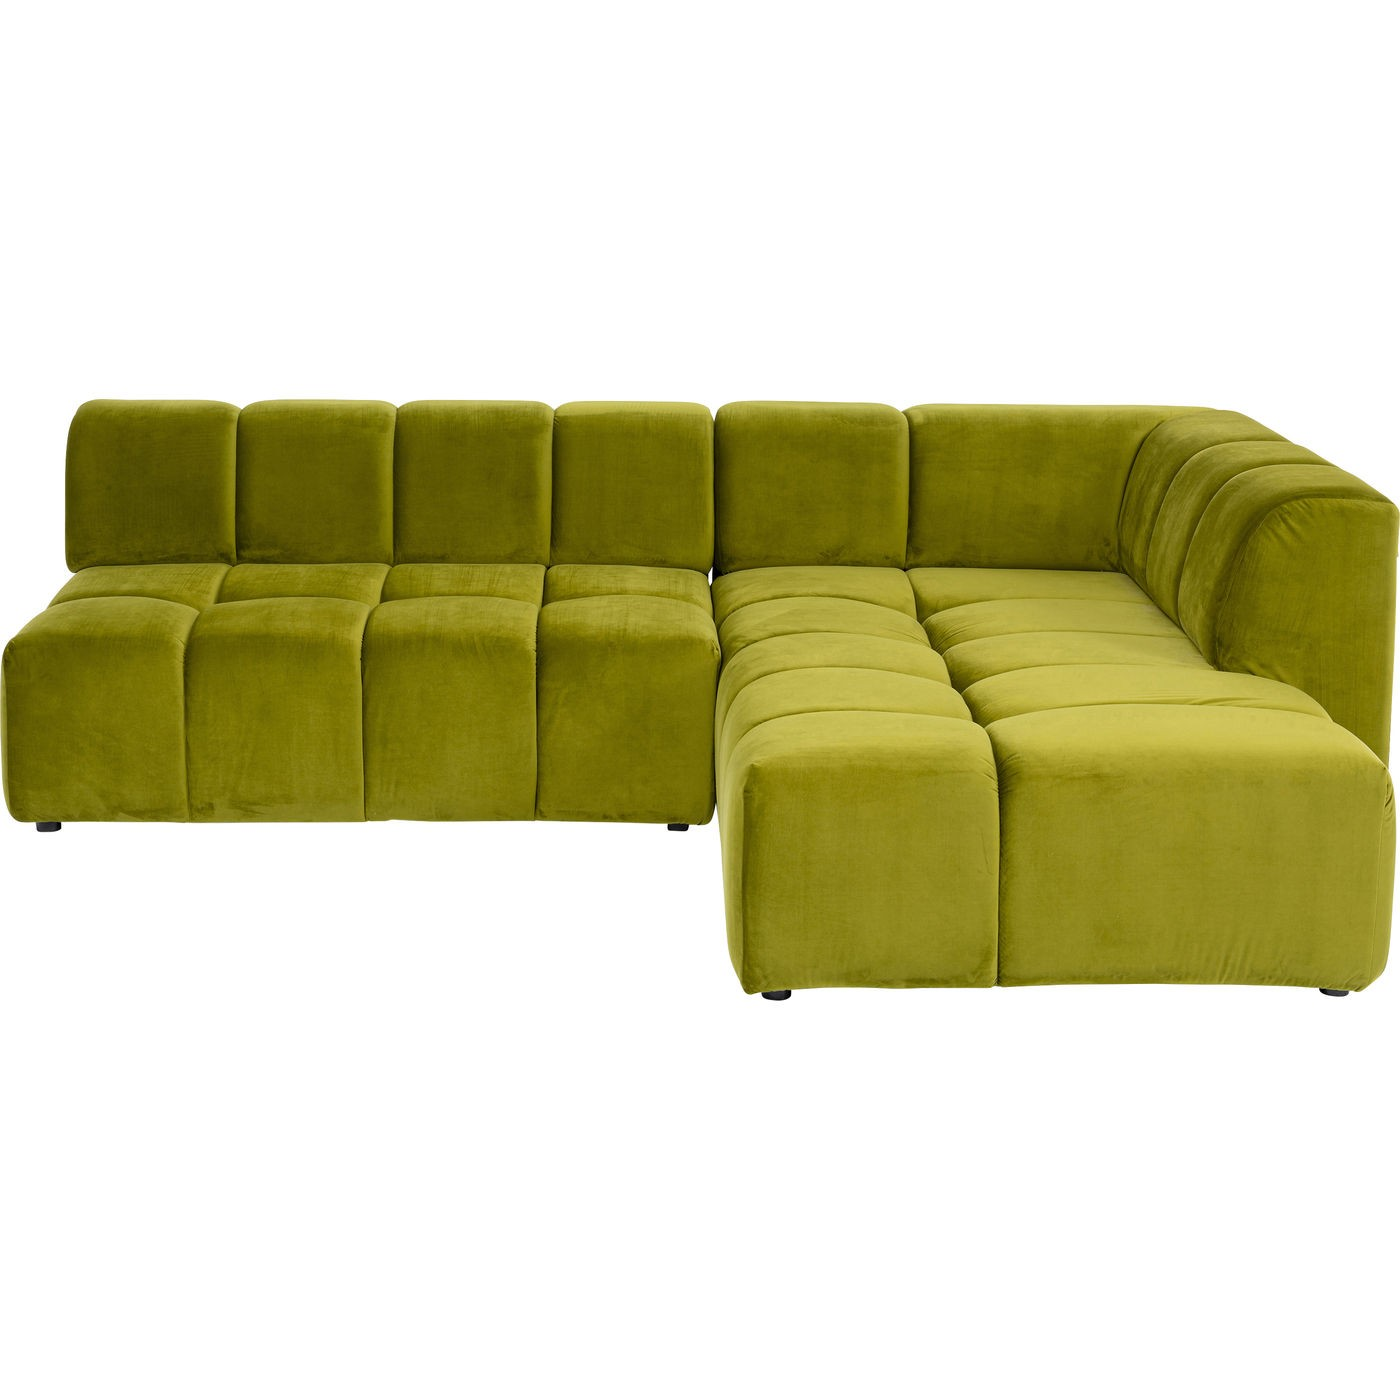 Canapé d'angle 4 places Jaune Tissu Moderne